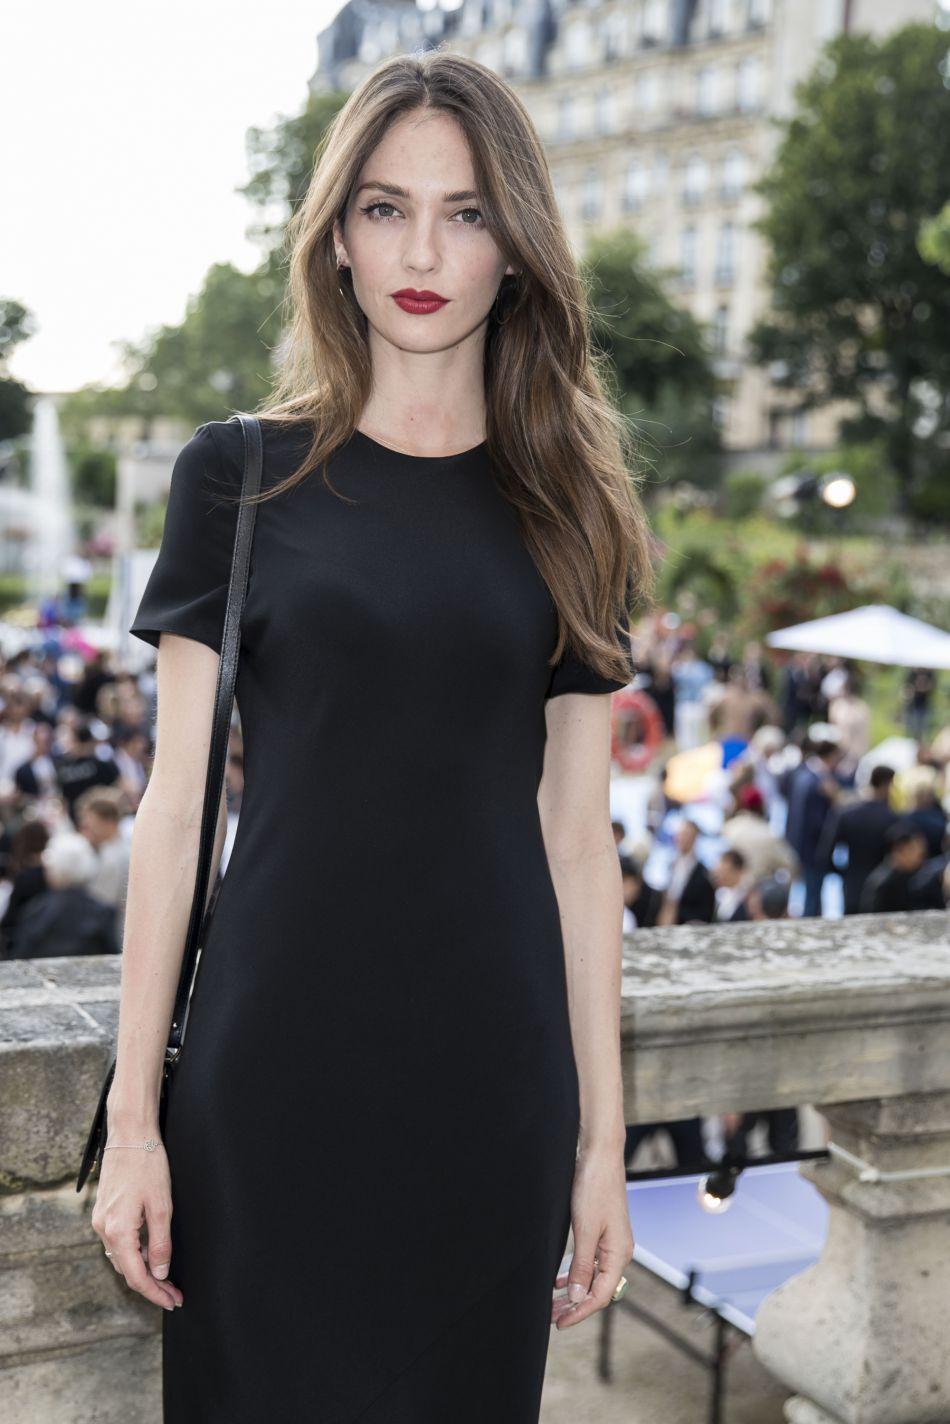 Annabelle Waters Belmondo, la petite-fille de Jean-Paul Belmondo était présente pour la soirée de la présentation Berluti.